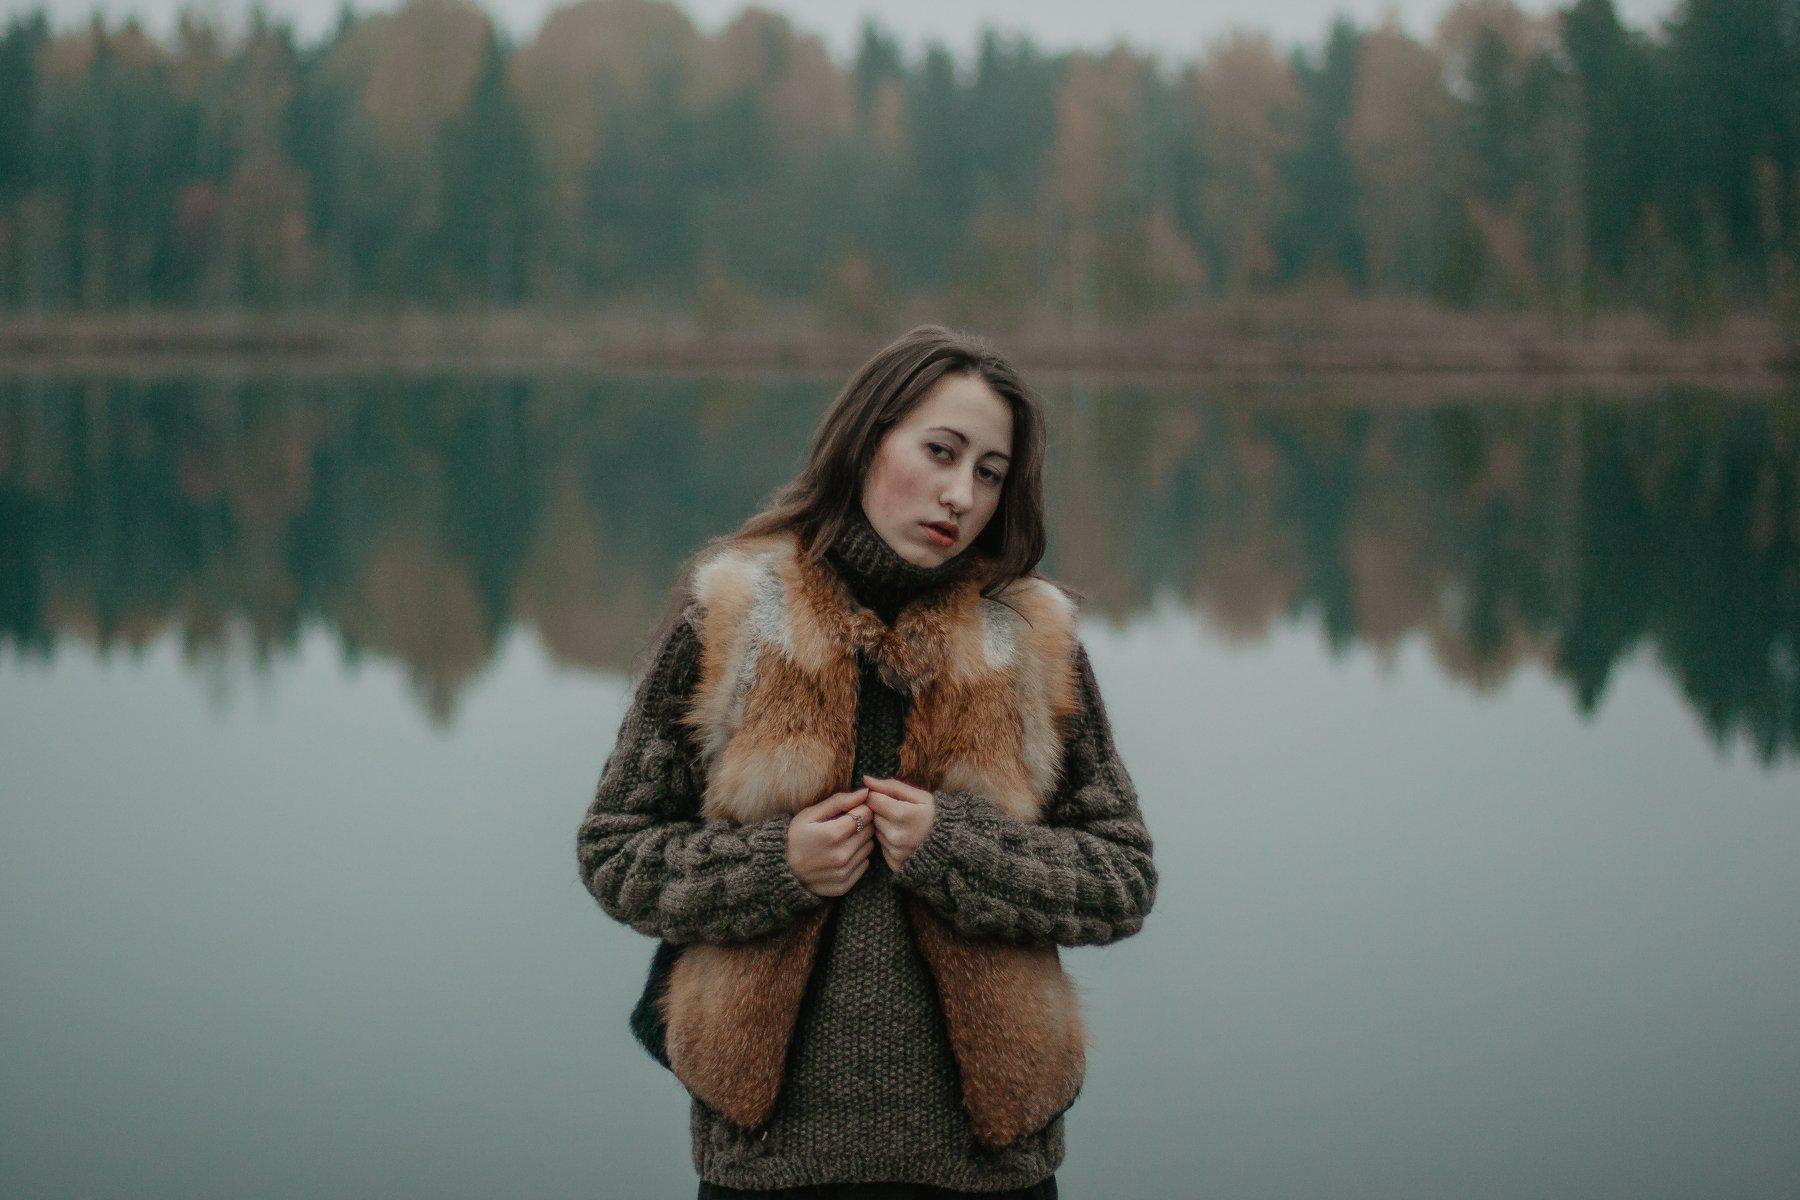 портрет, девушка, сумерки, гламур, атмосфера, лес, свет, озеро, осень, вечер, цвет, Олег Карсаков